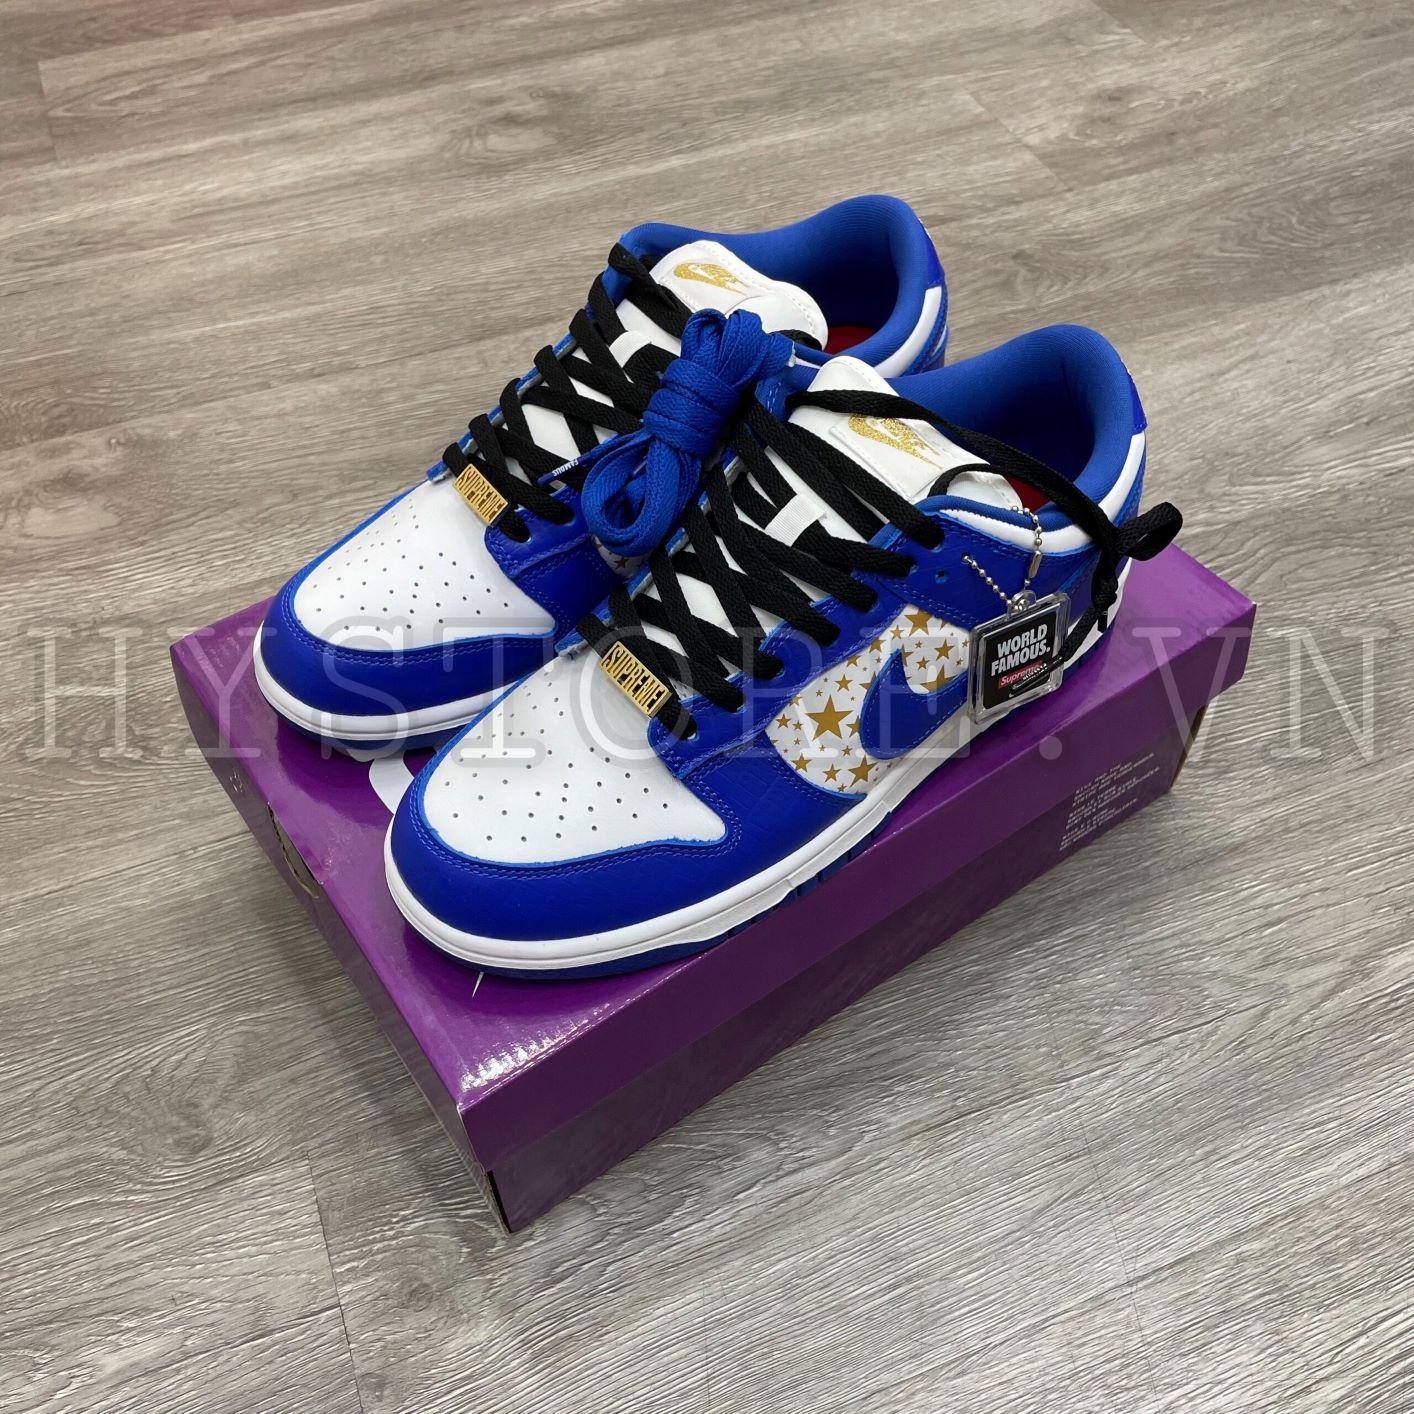 Giày Nike Sb dunk hyper royal